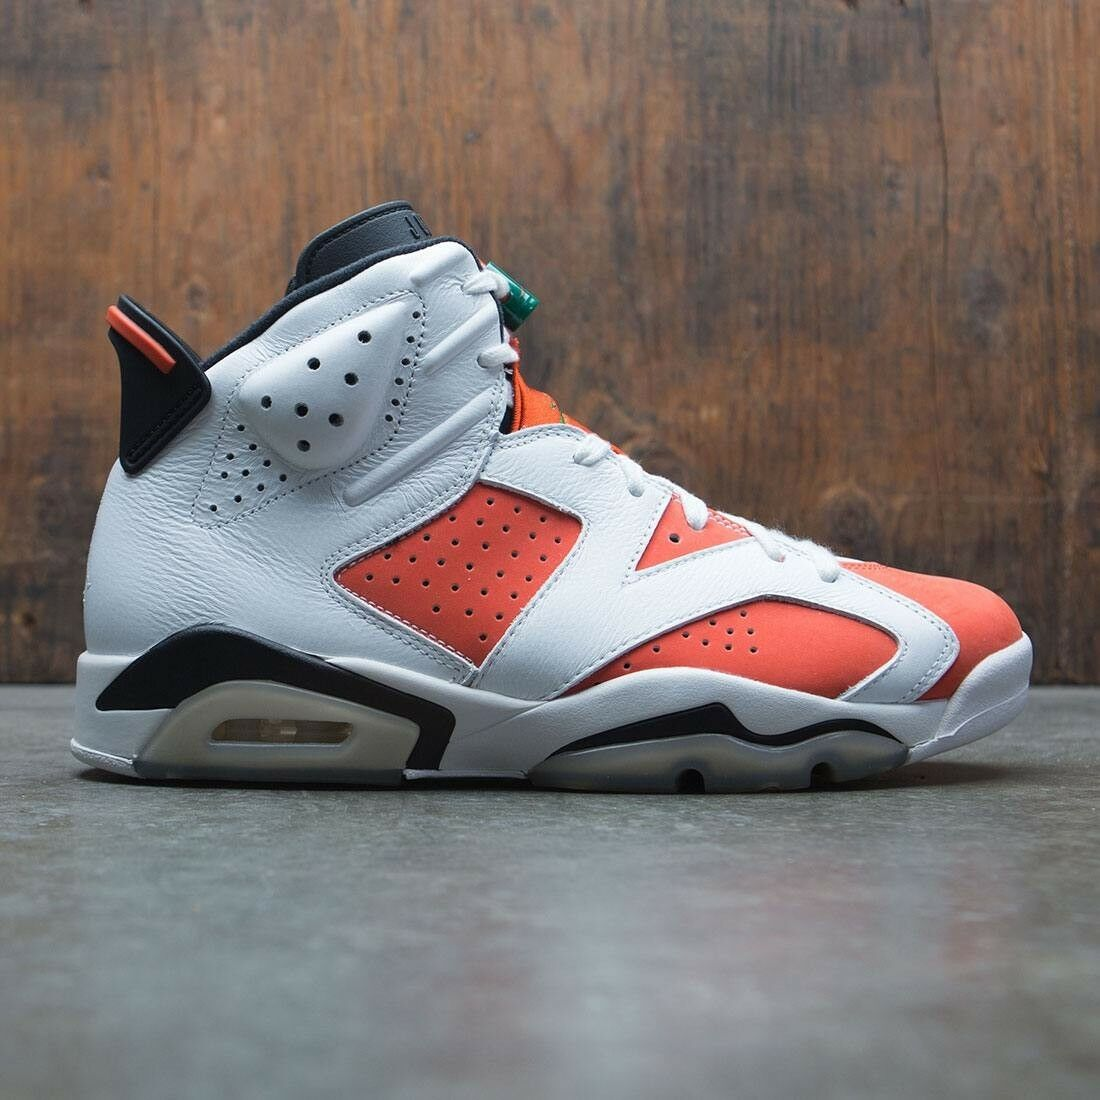 Nike Air Jordan 6 VI Retro White orange Be Like Mike Size 8. 384664-145 1 2 3